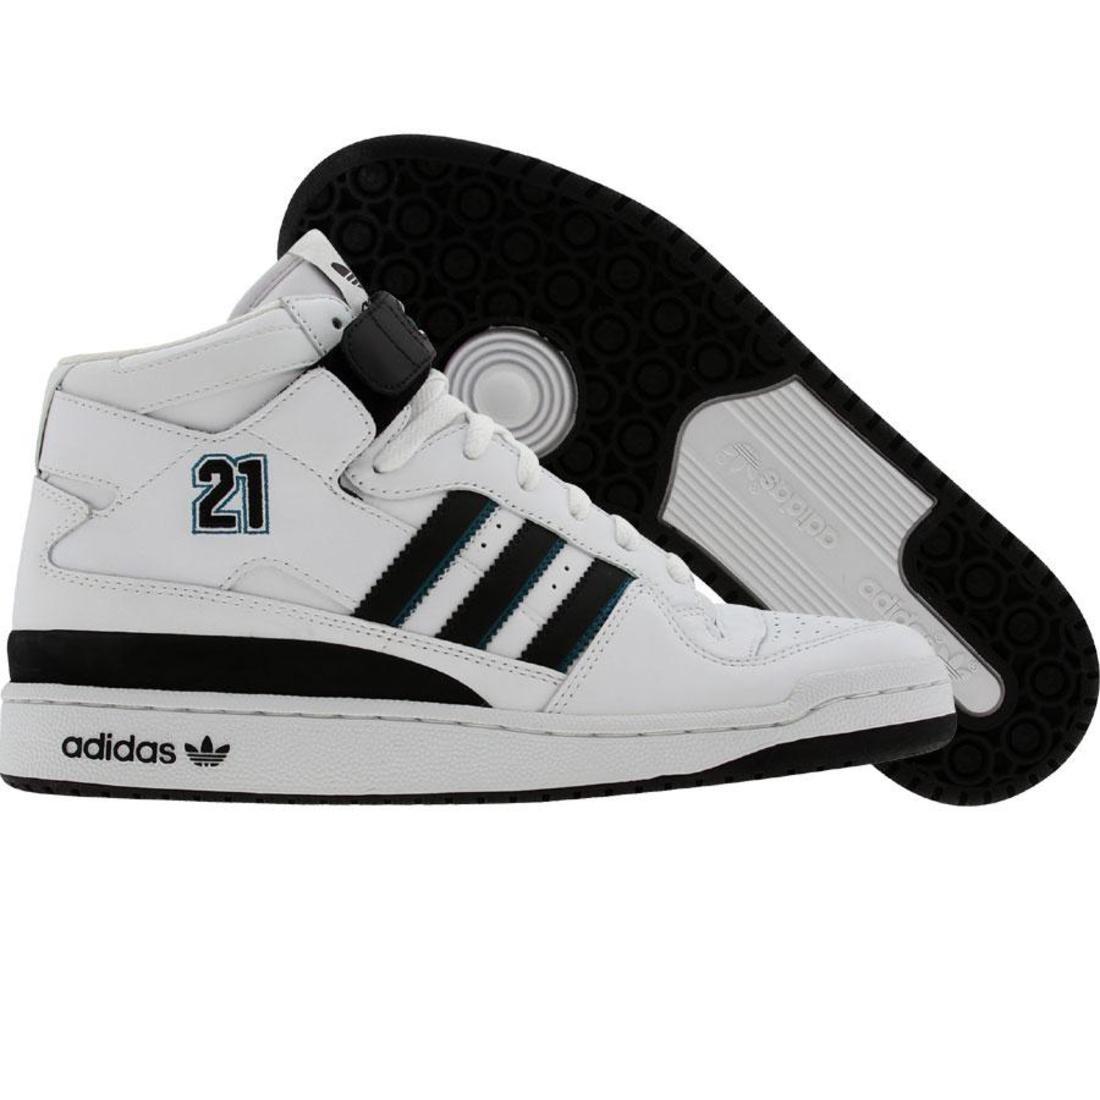 【海外限定】アディダス フォーラム ミッド ケビン ガーネット 白 ホワイト 黒 ブラック メンズ靴 スニーカー 【 ADIDAS WHITE BLACK FORUM MID BB KEVIN GARNETT R REEF 】